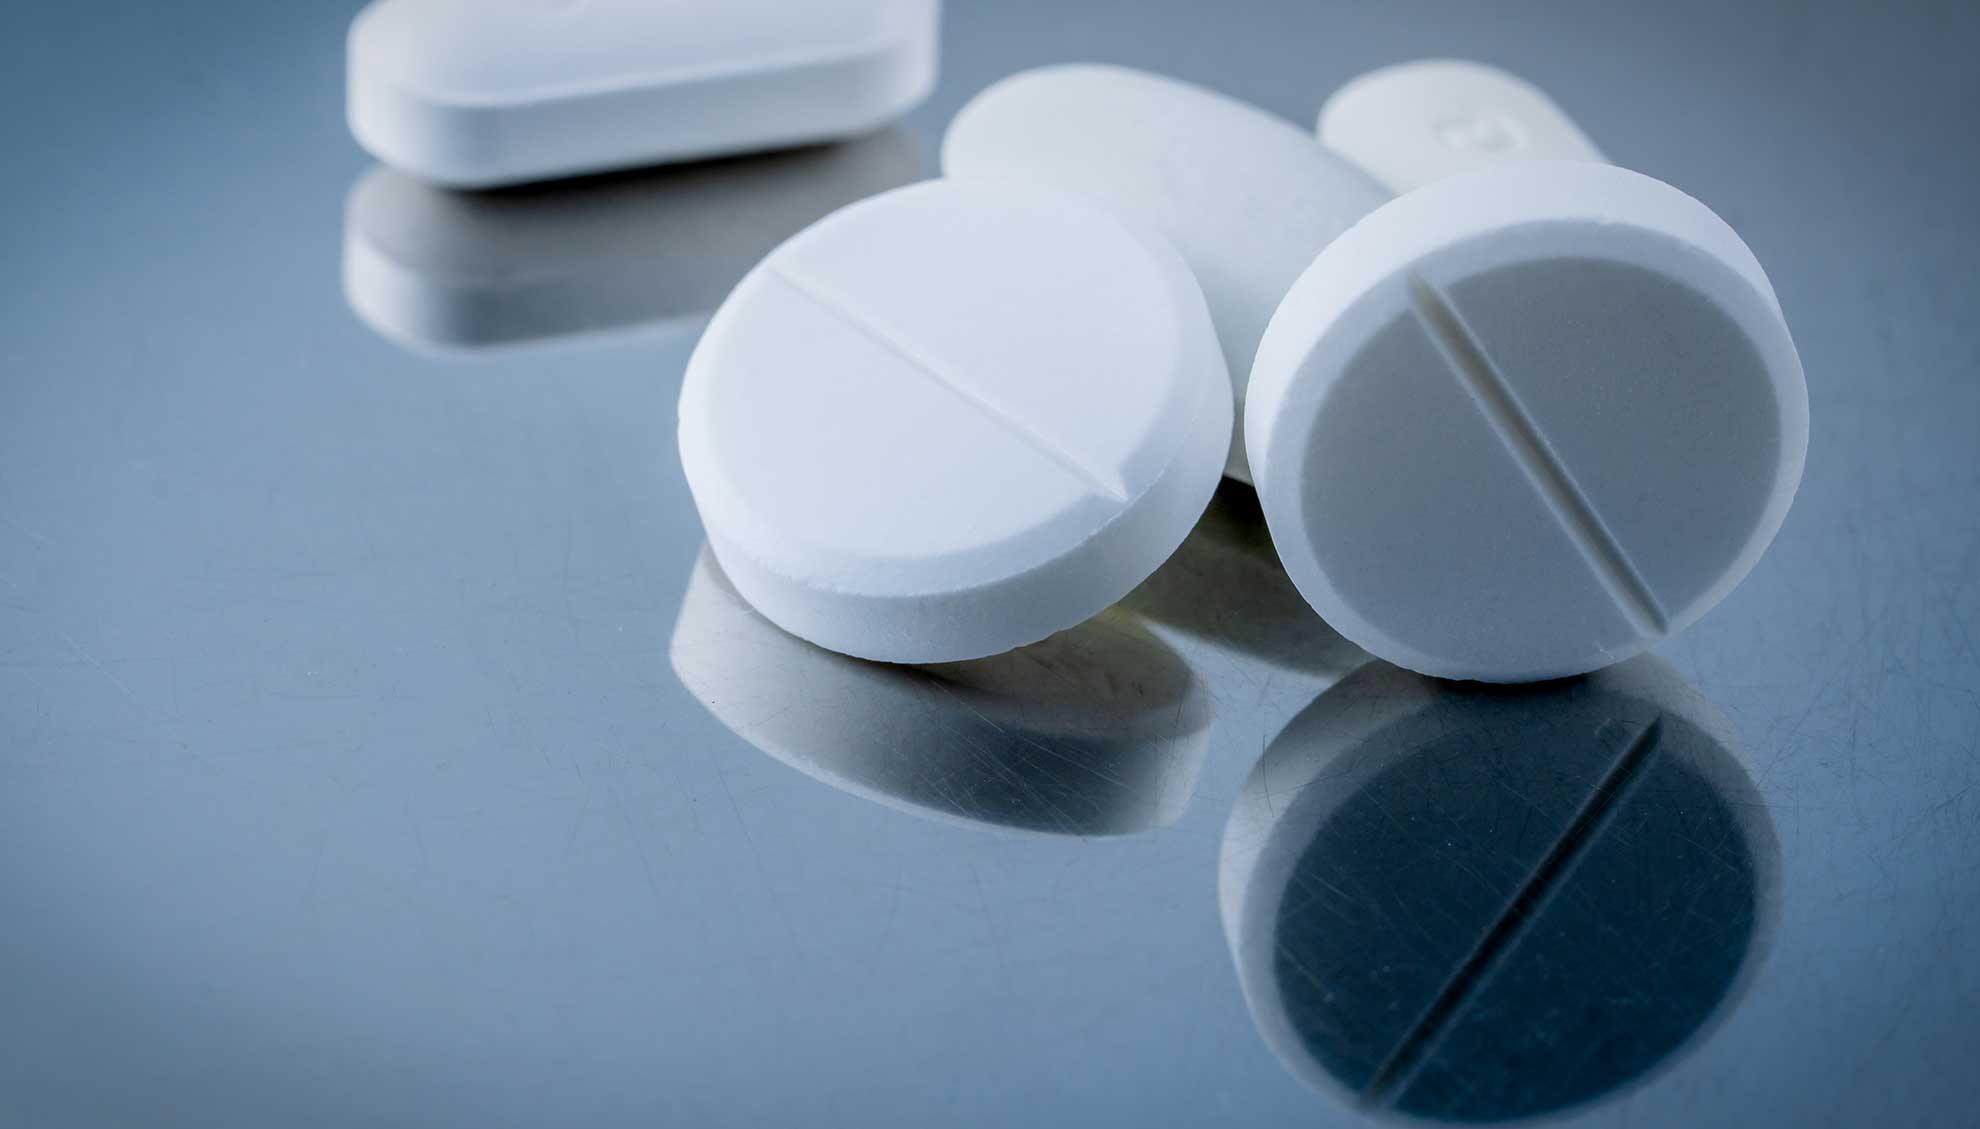 Medisinske produkter